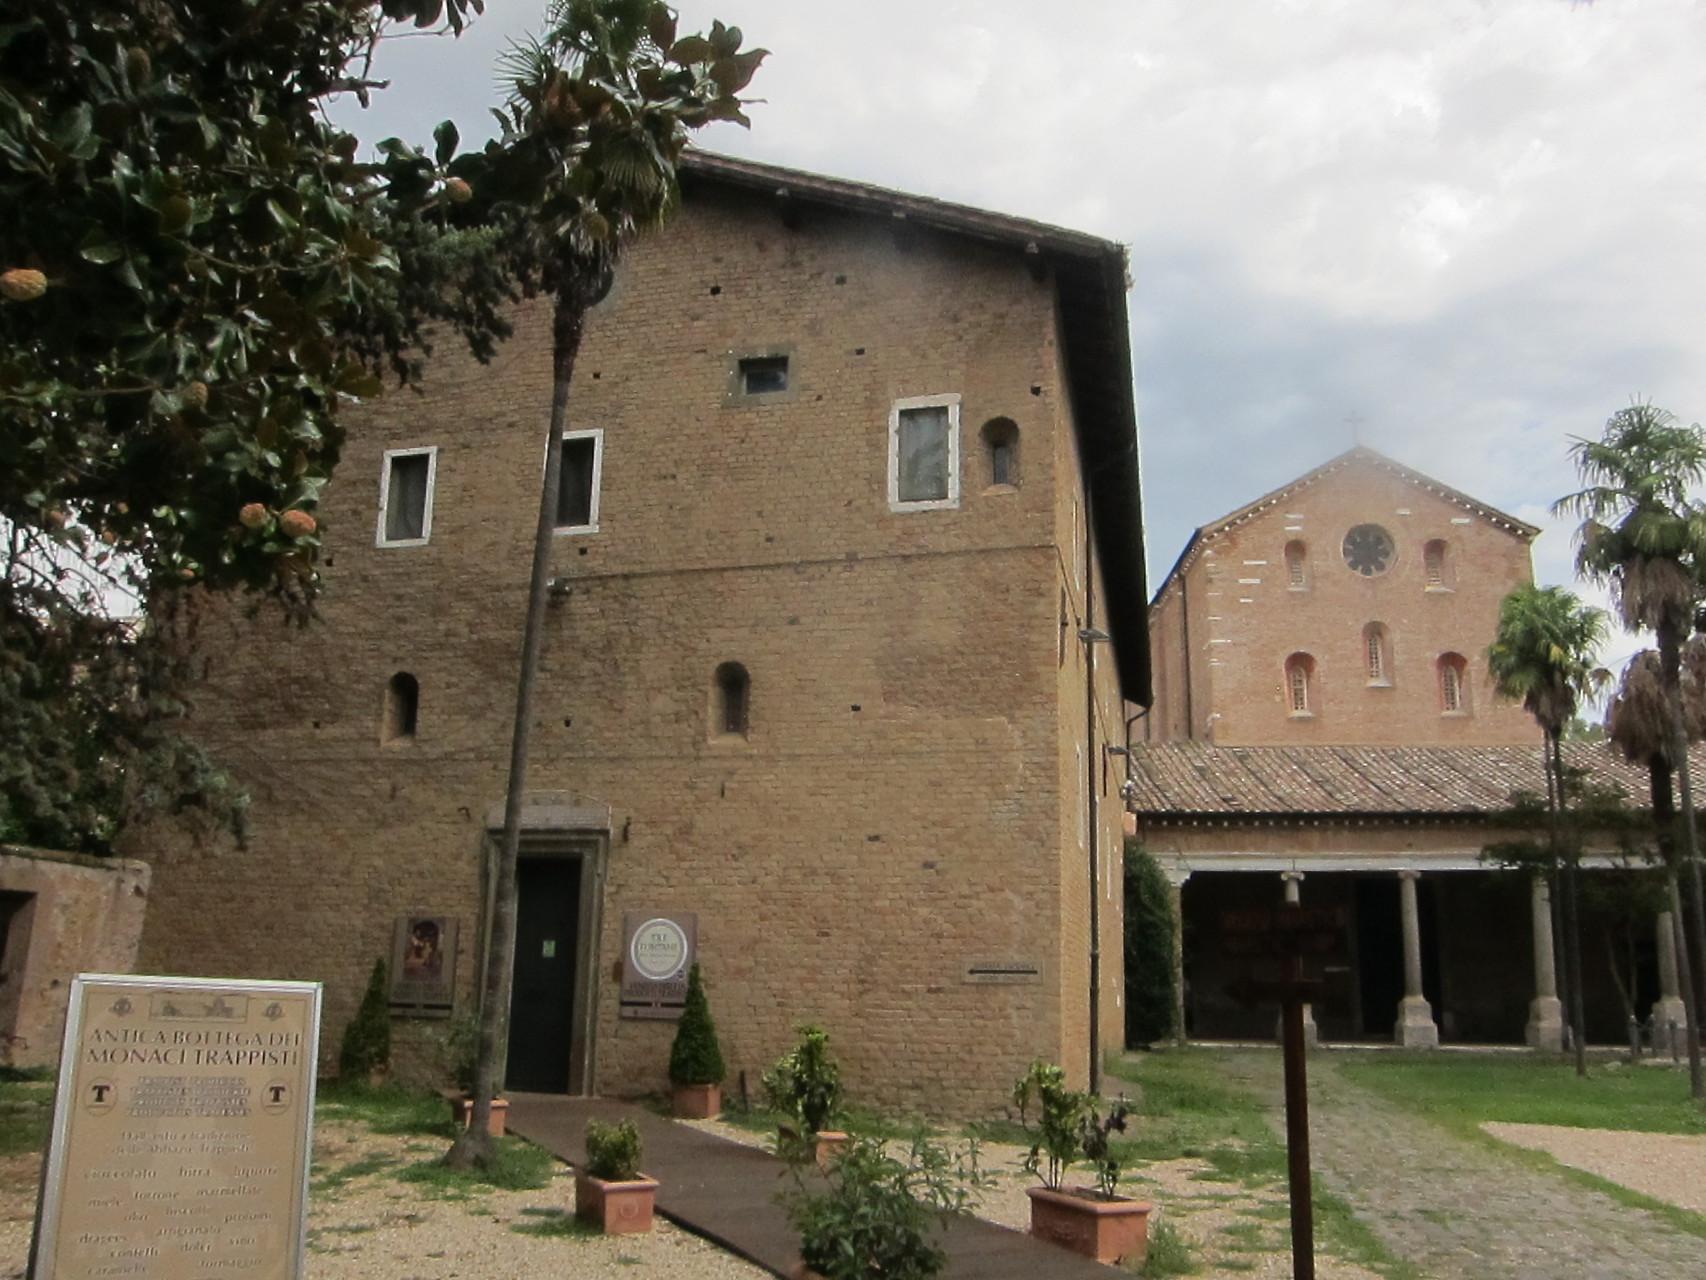 トレフォンターネ 聖パウロが殉教した場です